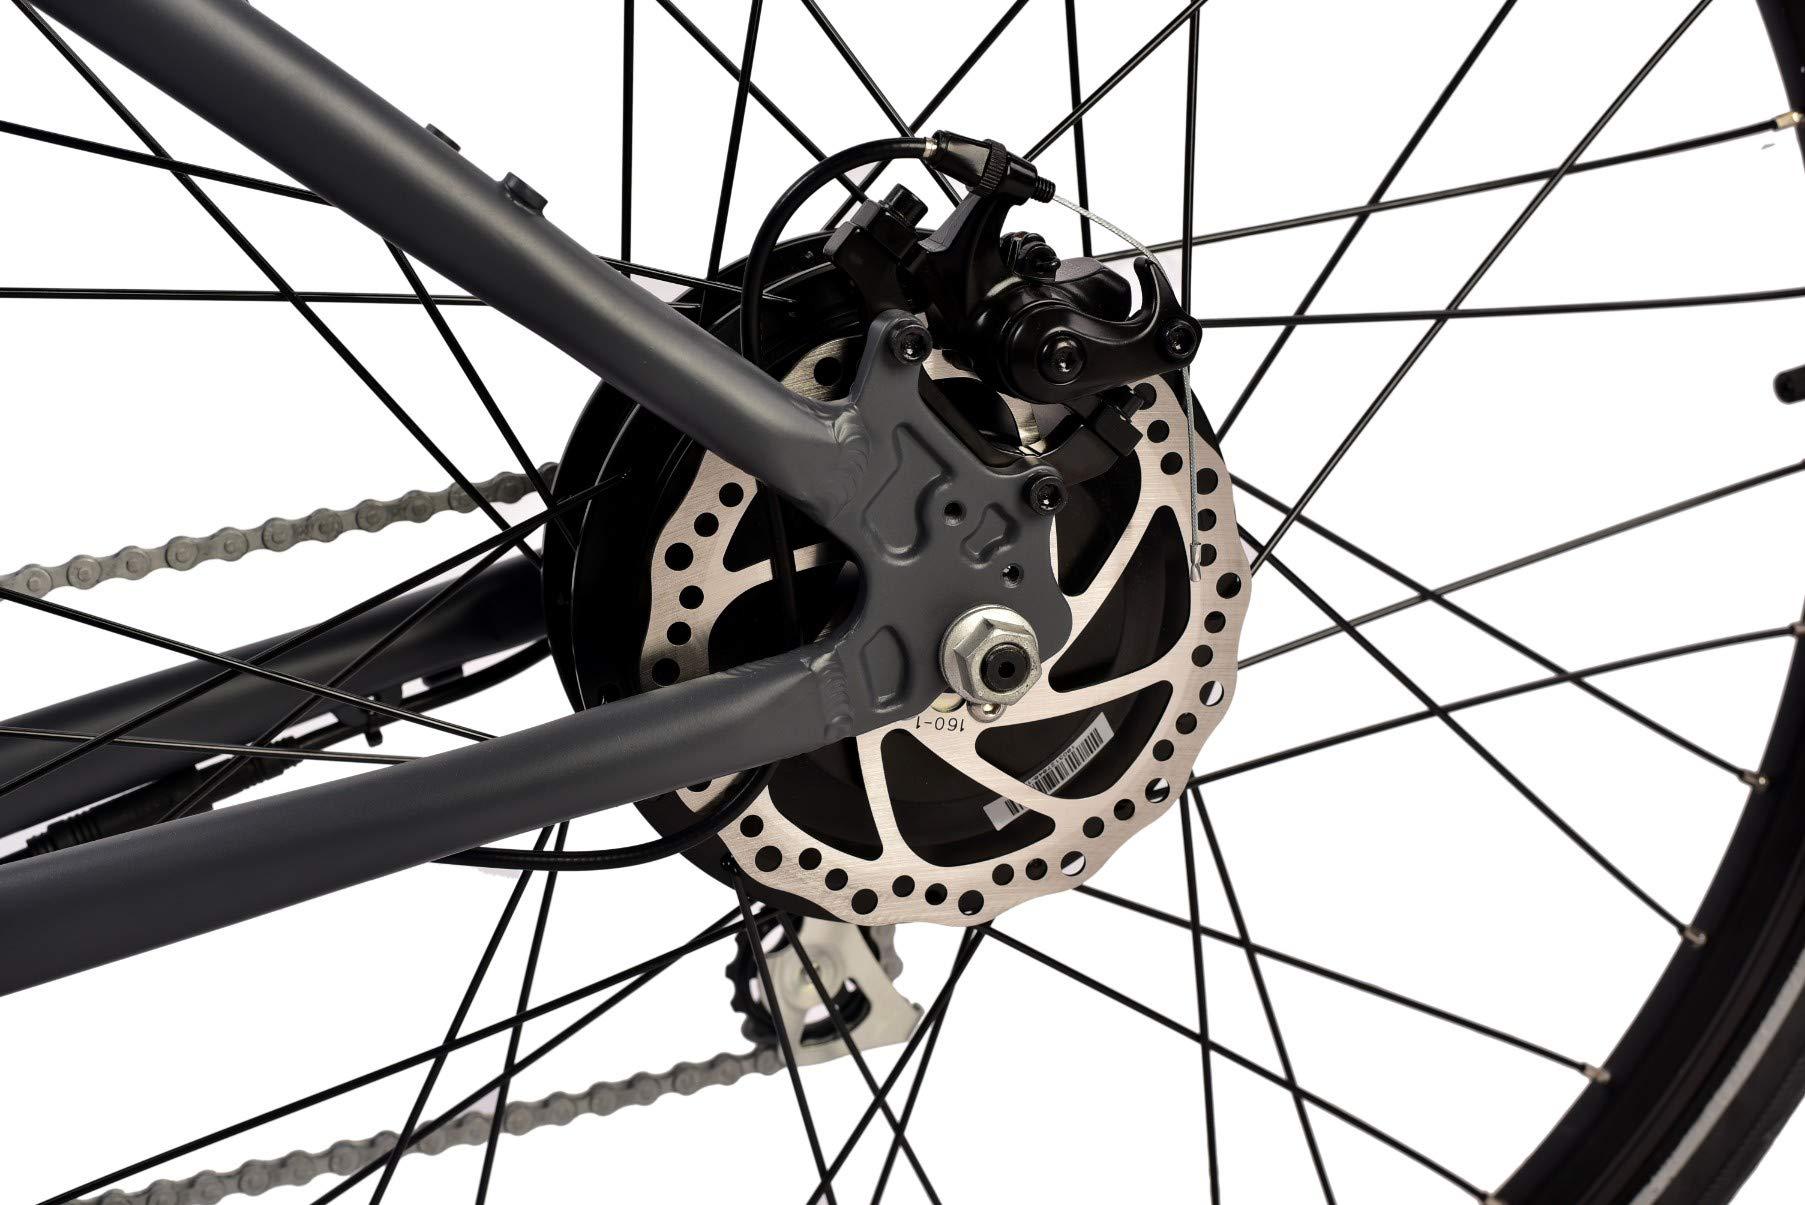 Ride1UP 48V 500w eBike   Electric Bike   500 Series City